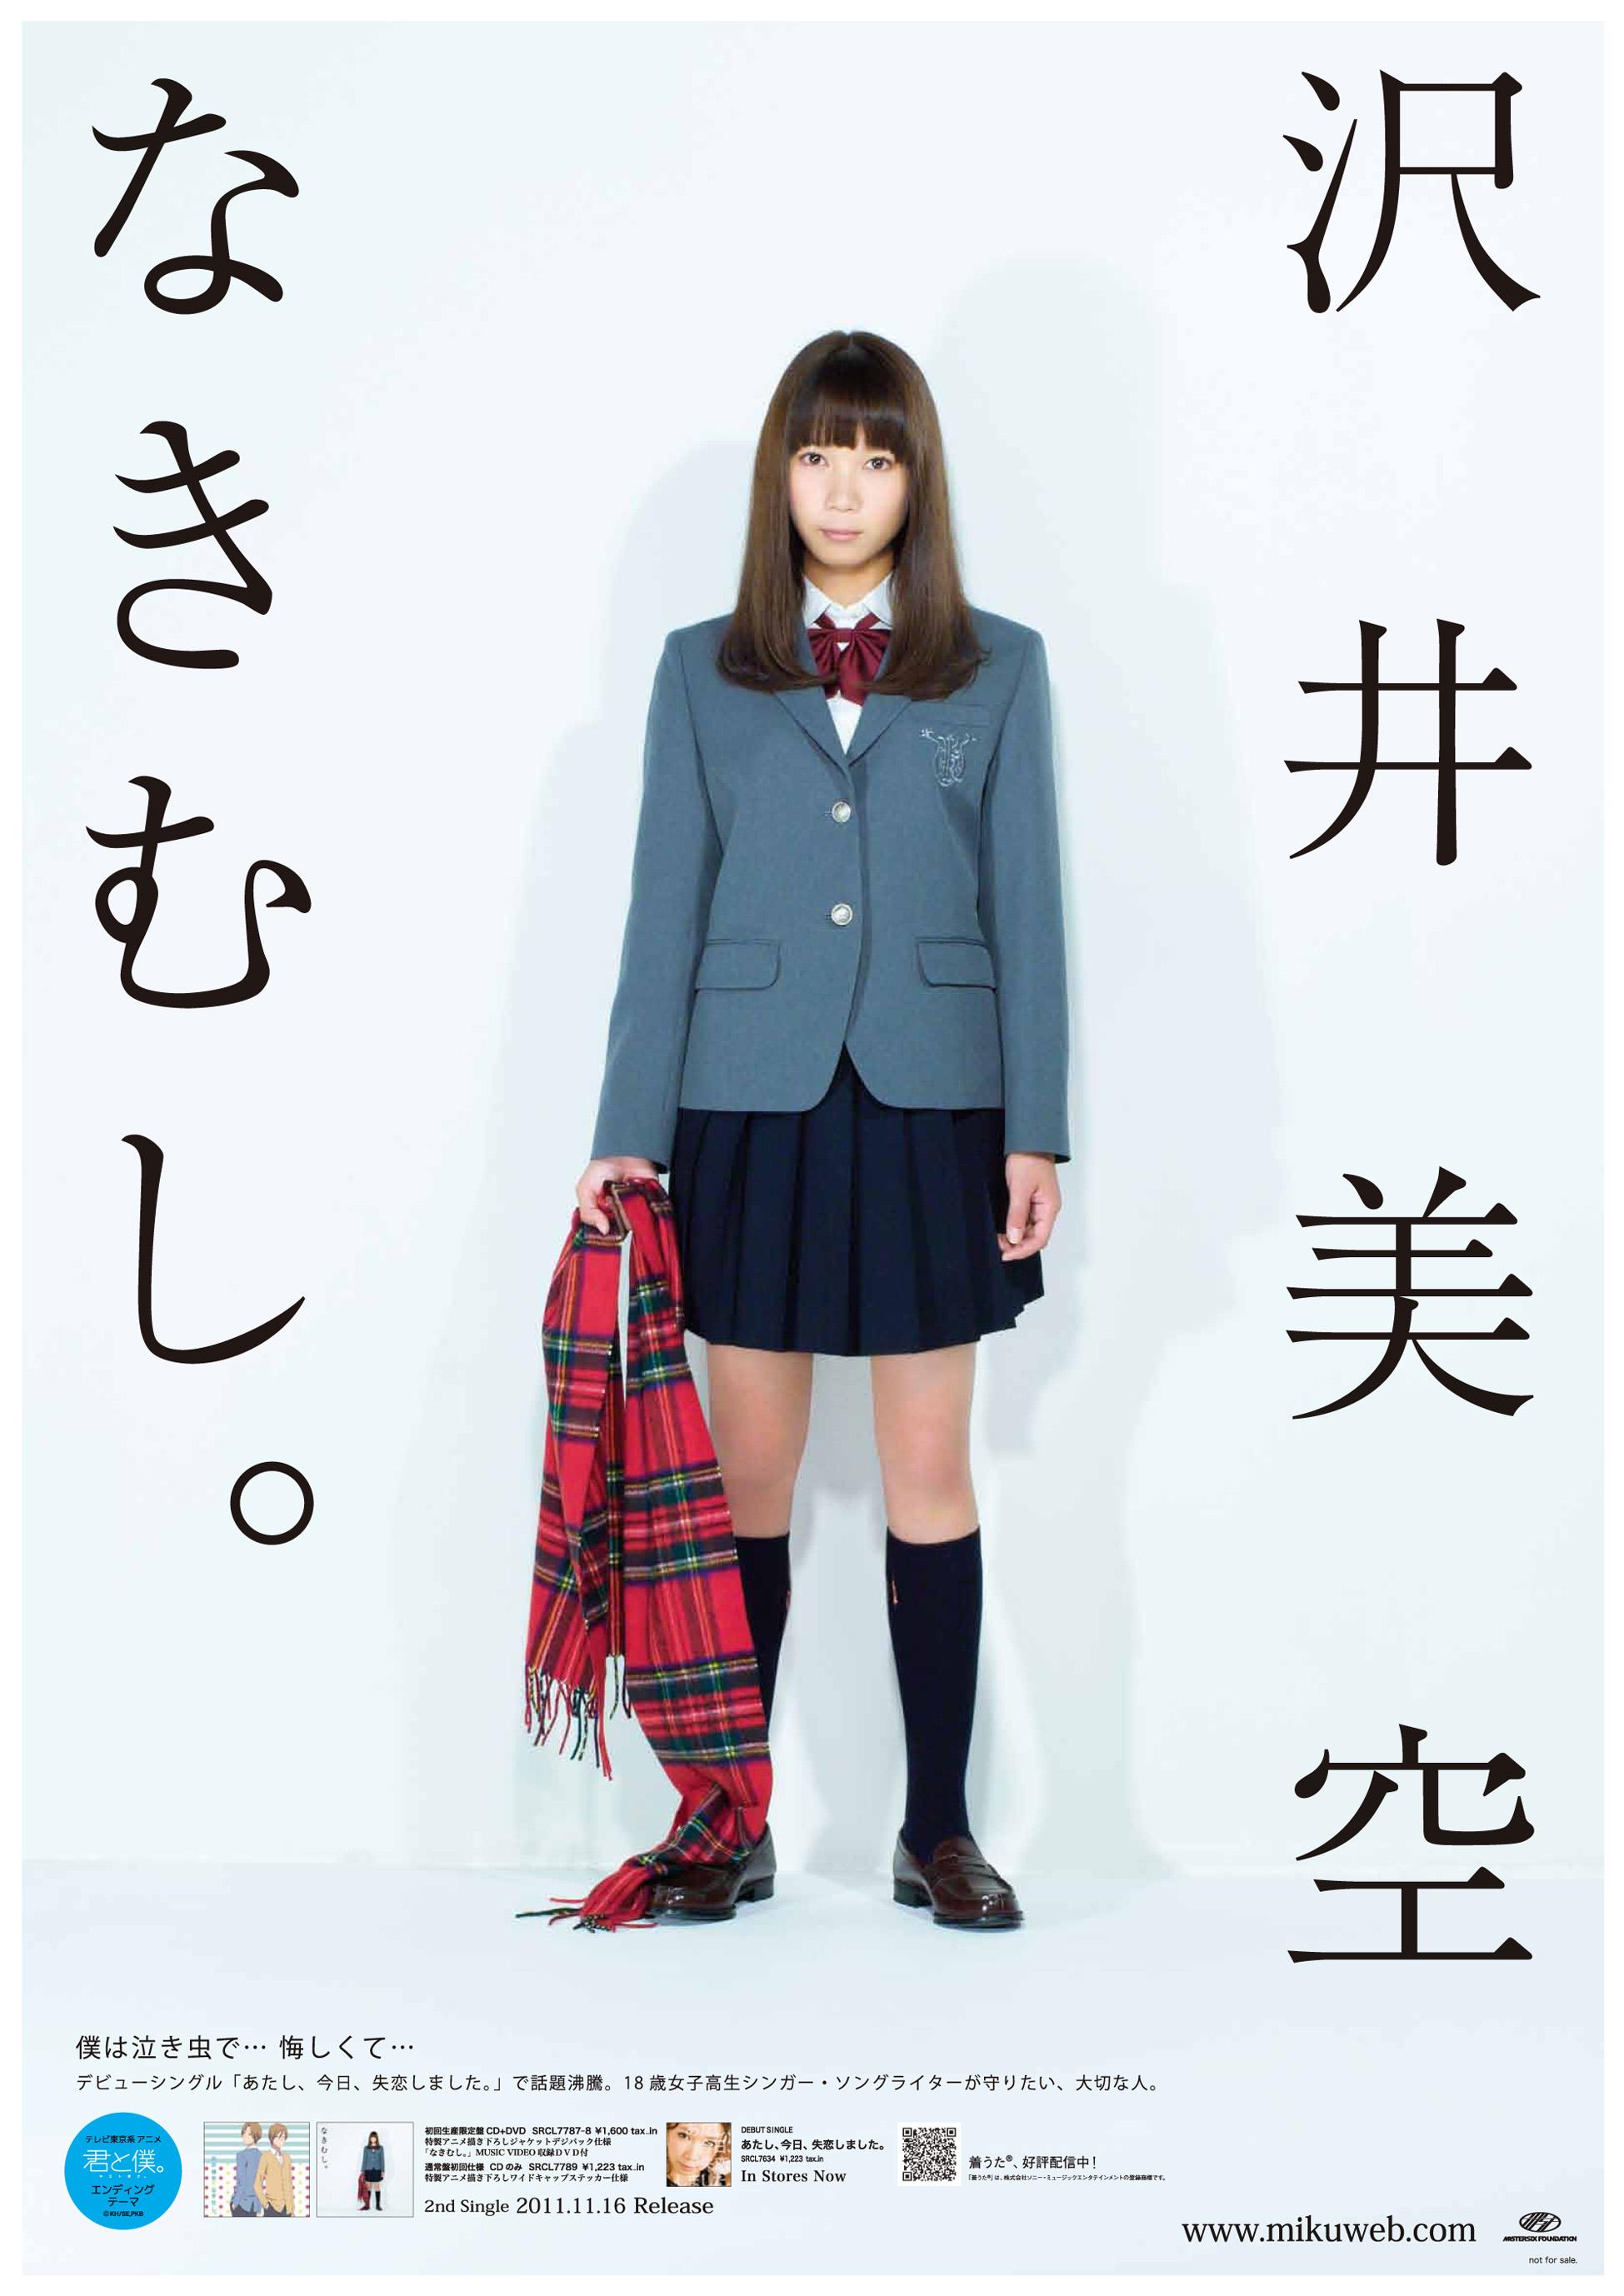 sawai_poster.jpg